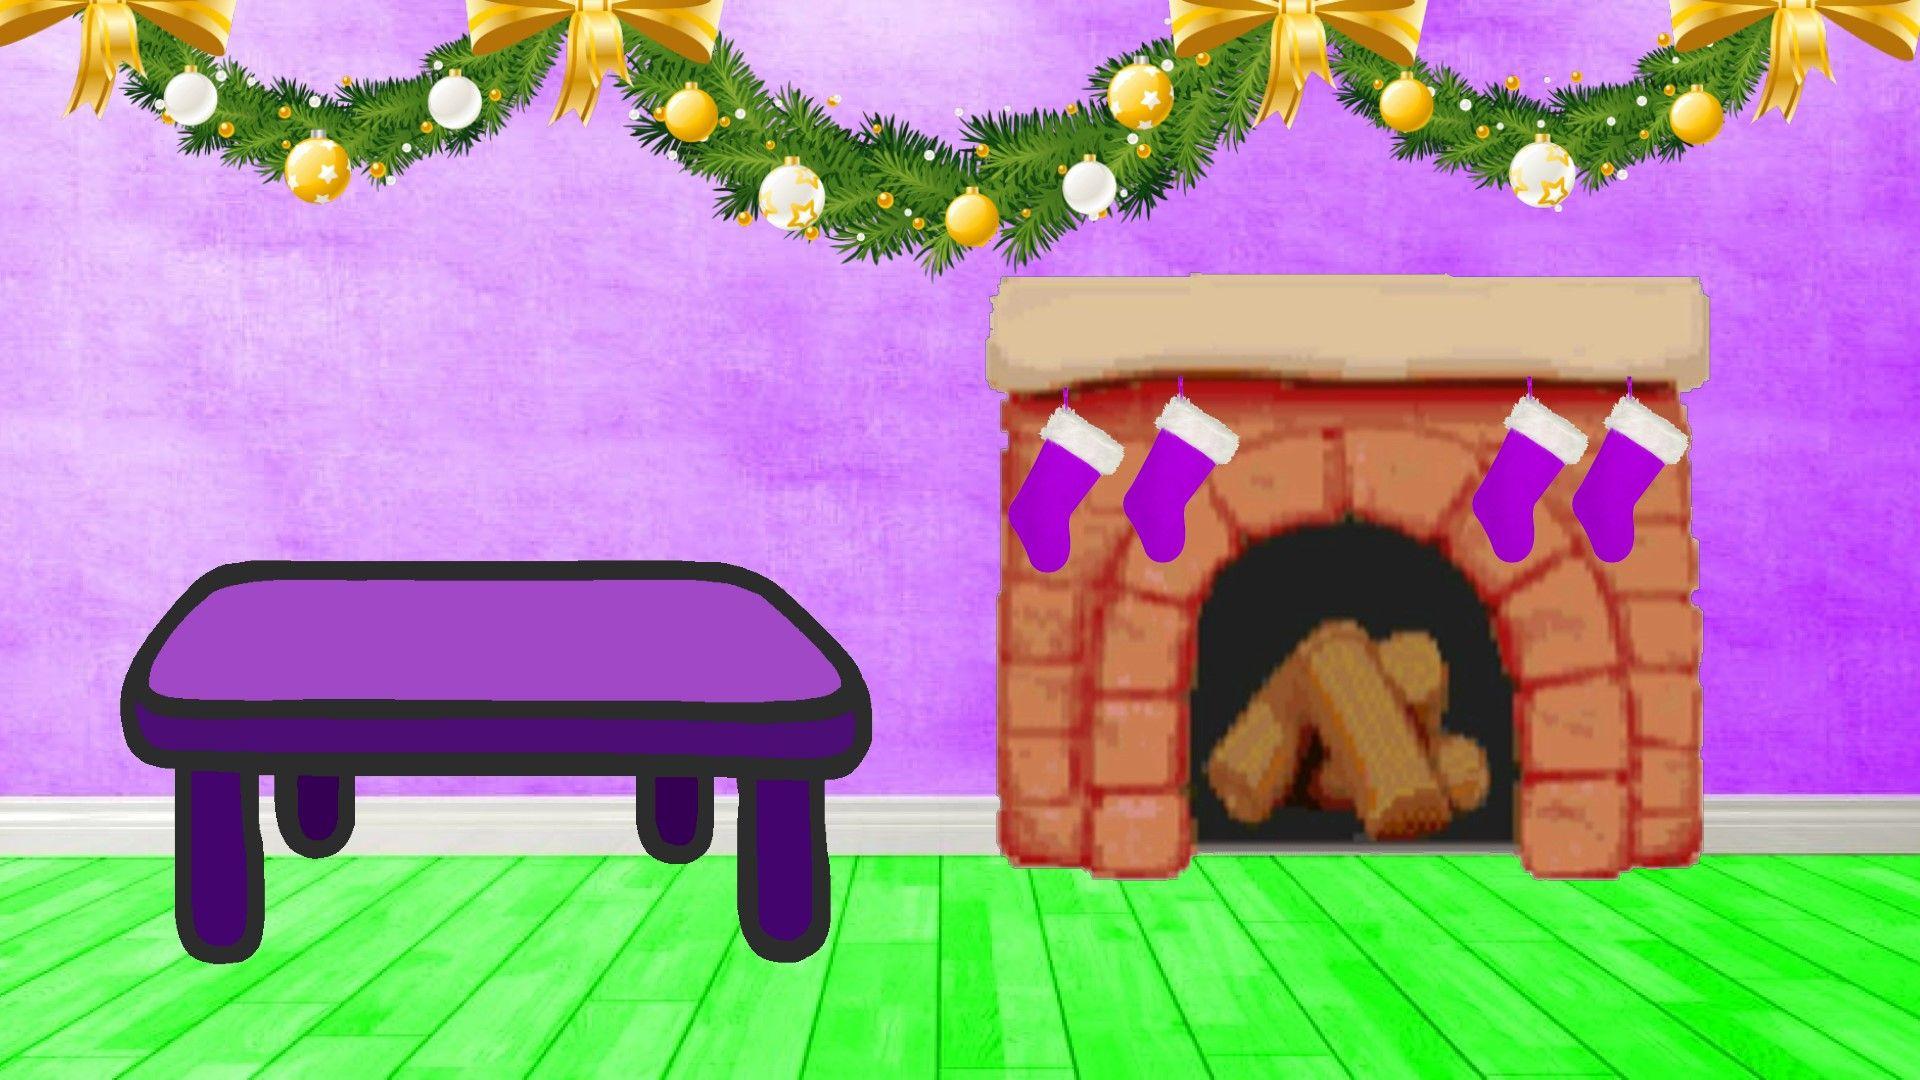 Christmas Room 1 Christmas room, Play houses, Decor